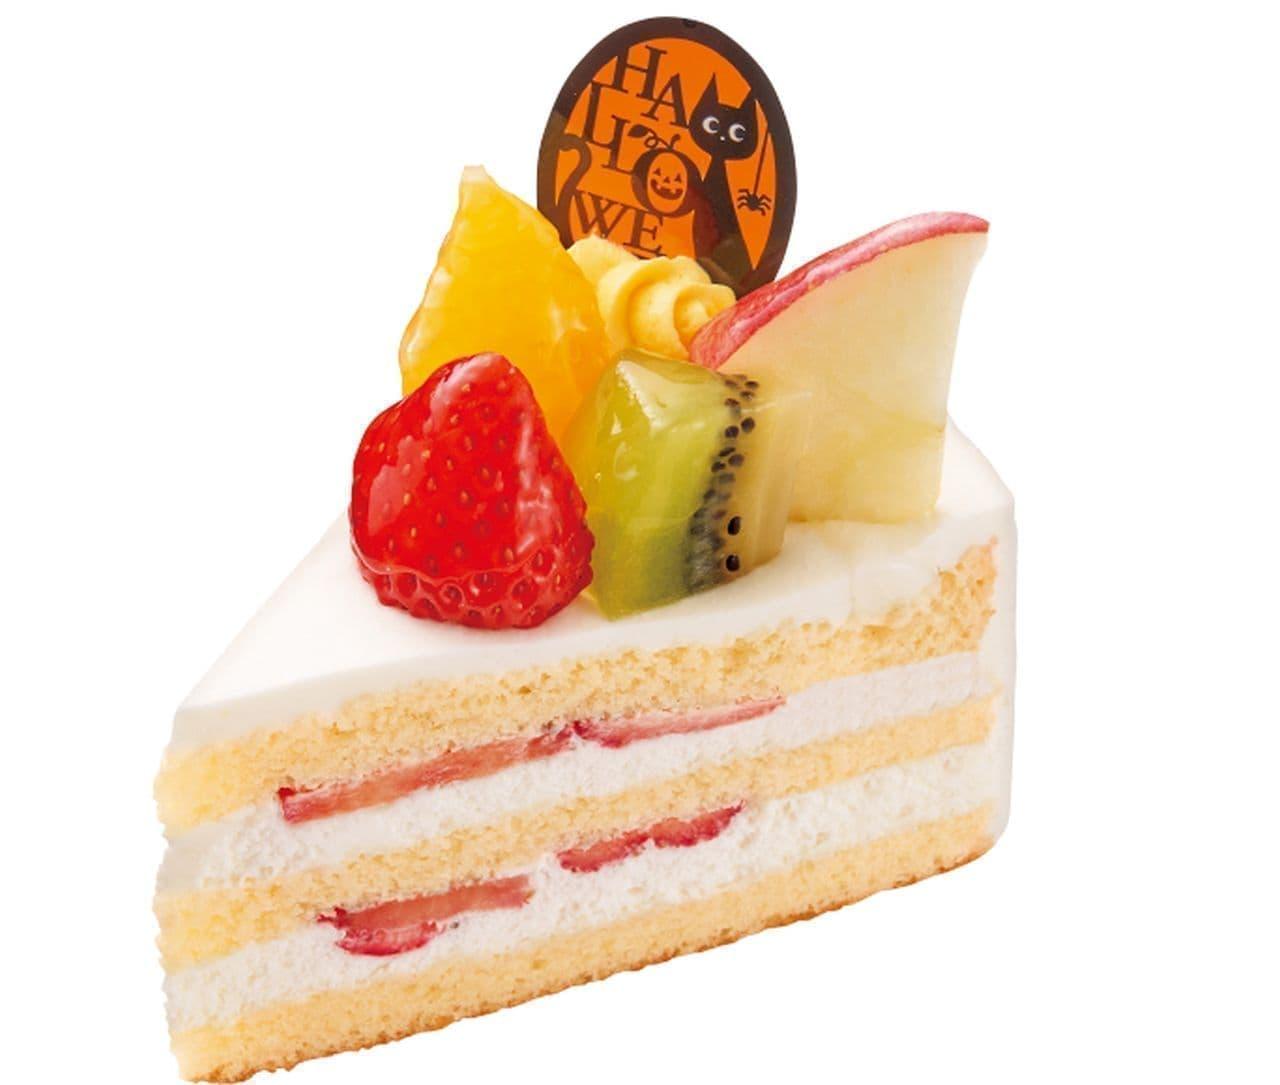 ハロウィン「ハロウィン フルーツのプレミアムショートケーキ」